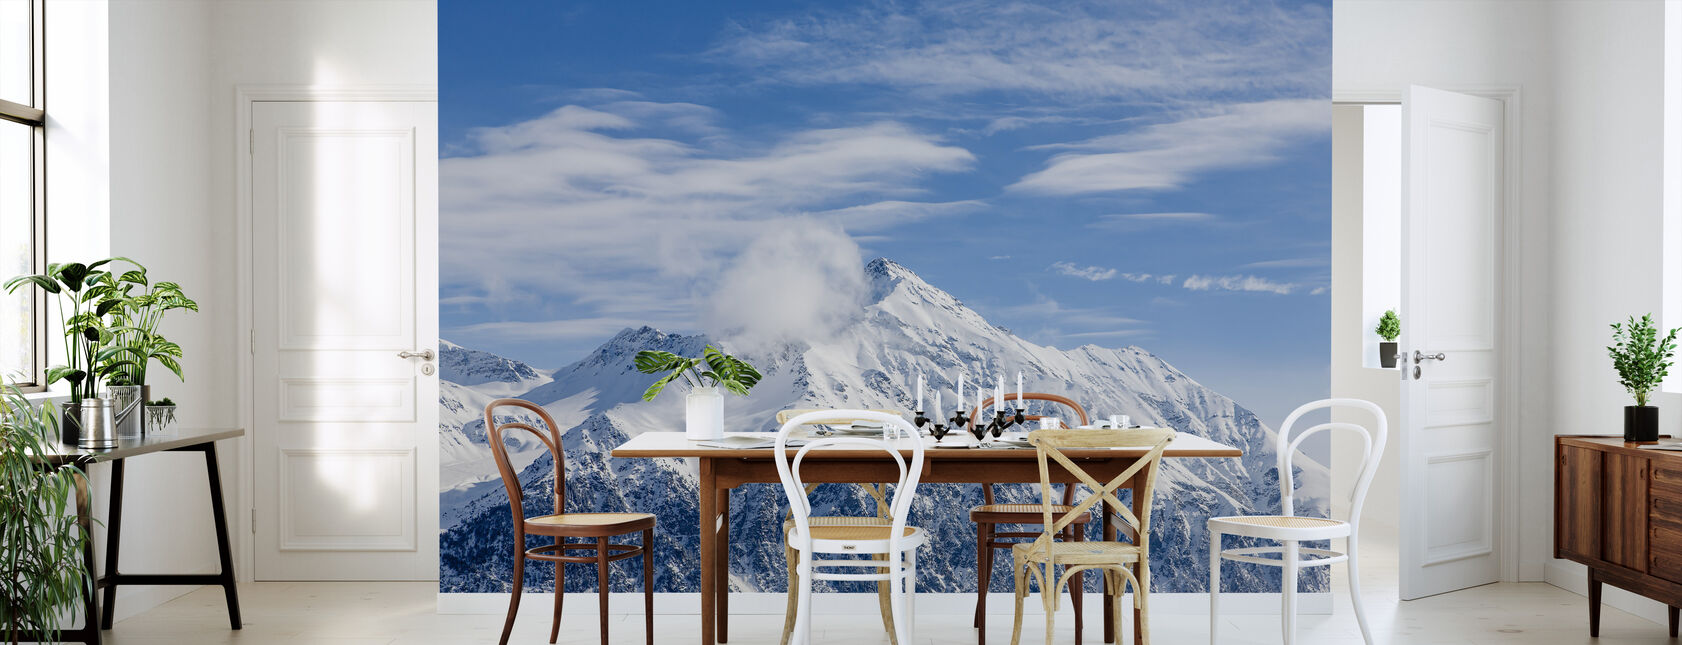 Sveitsin Alpit - Tapetti - Keittiö